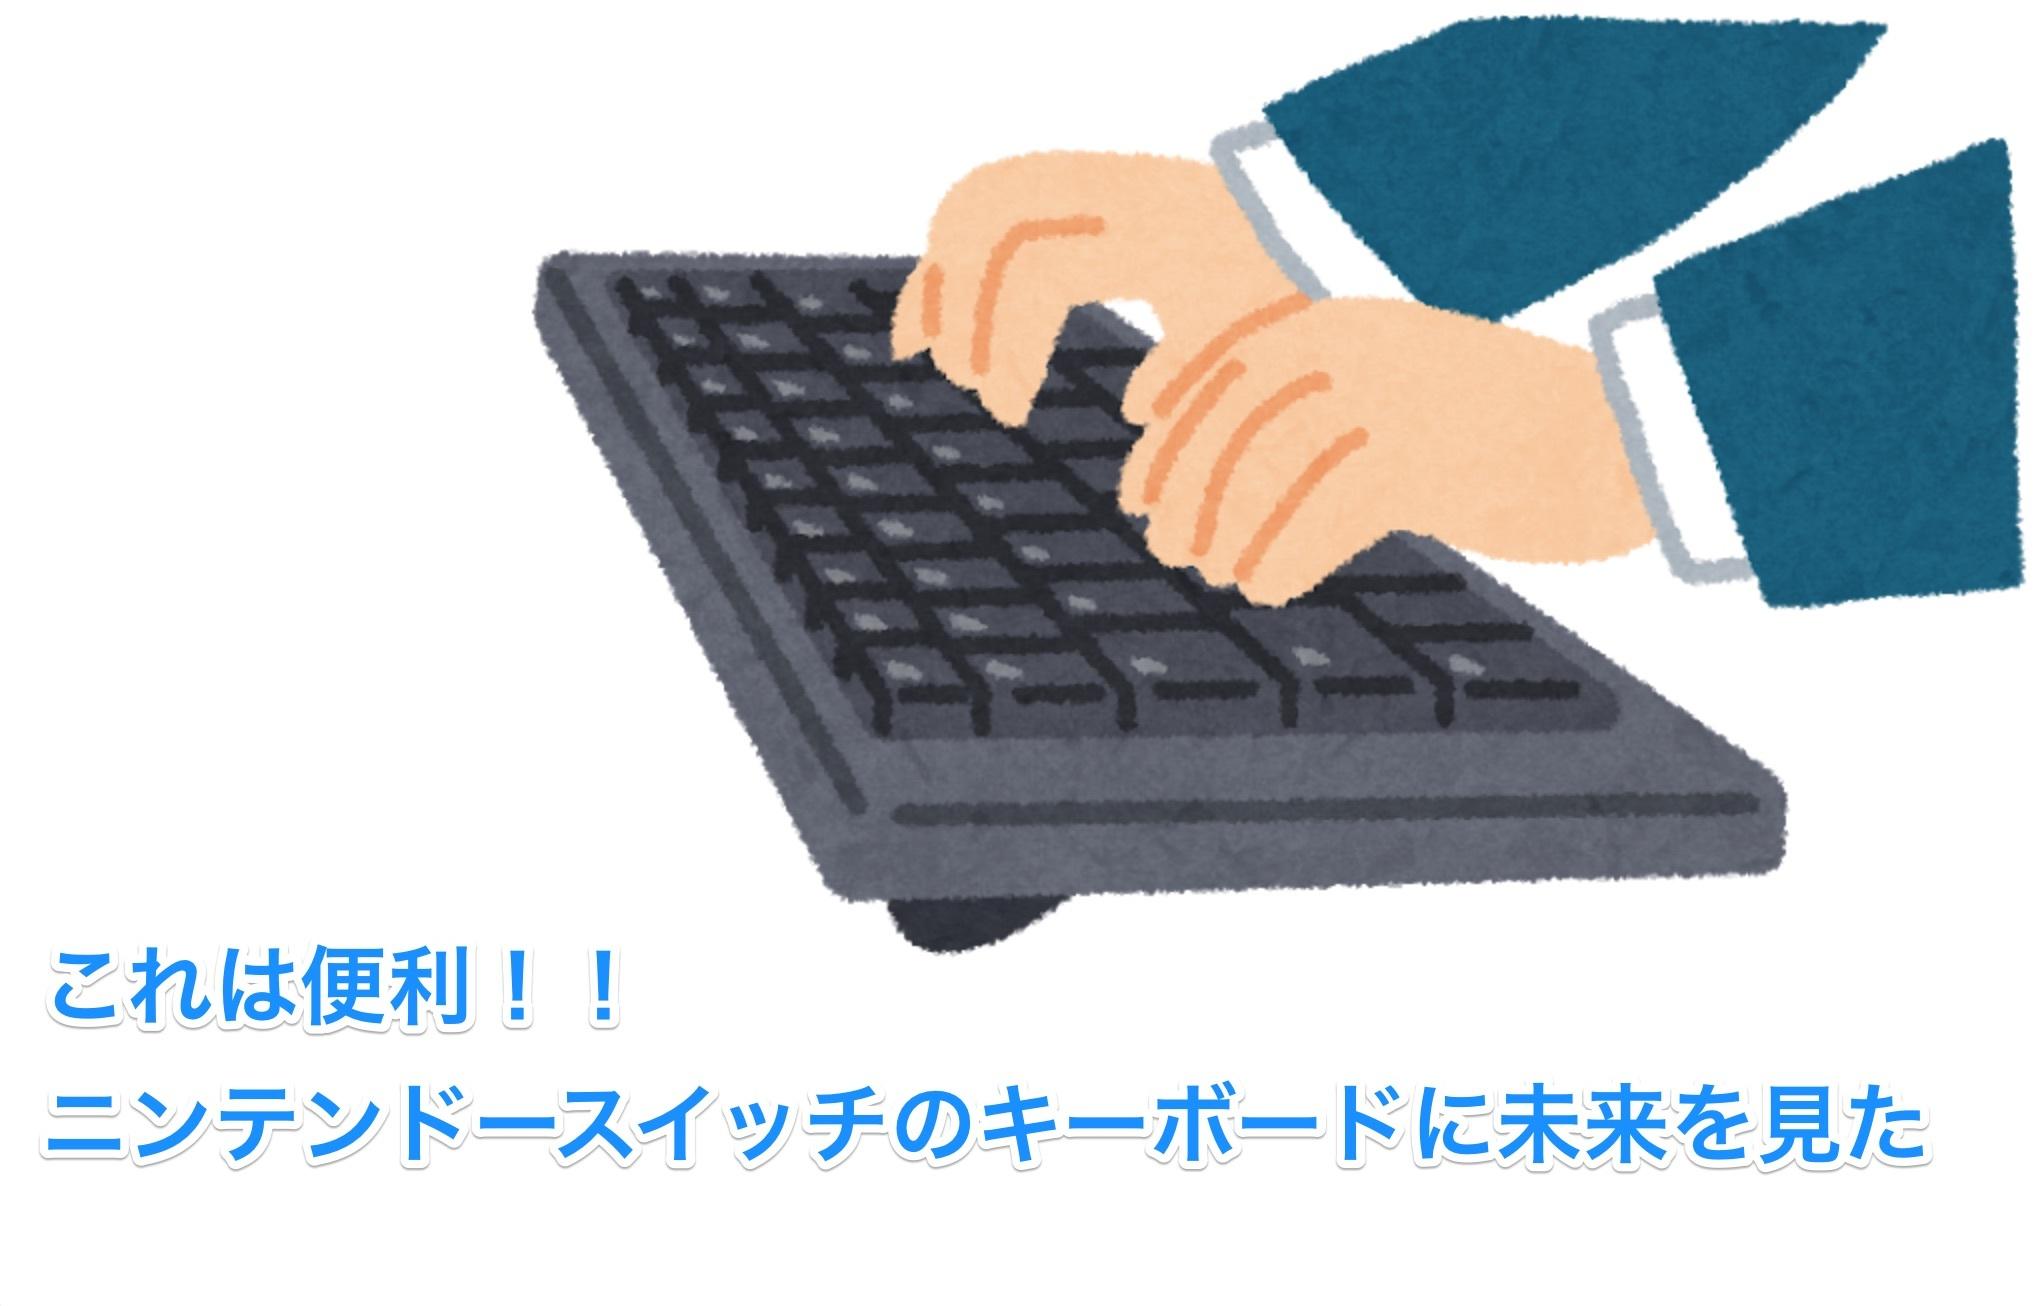 スイッチキーボード-1